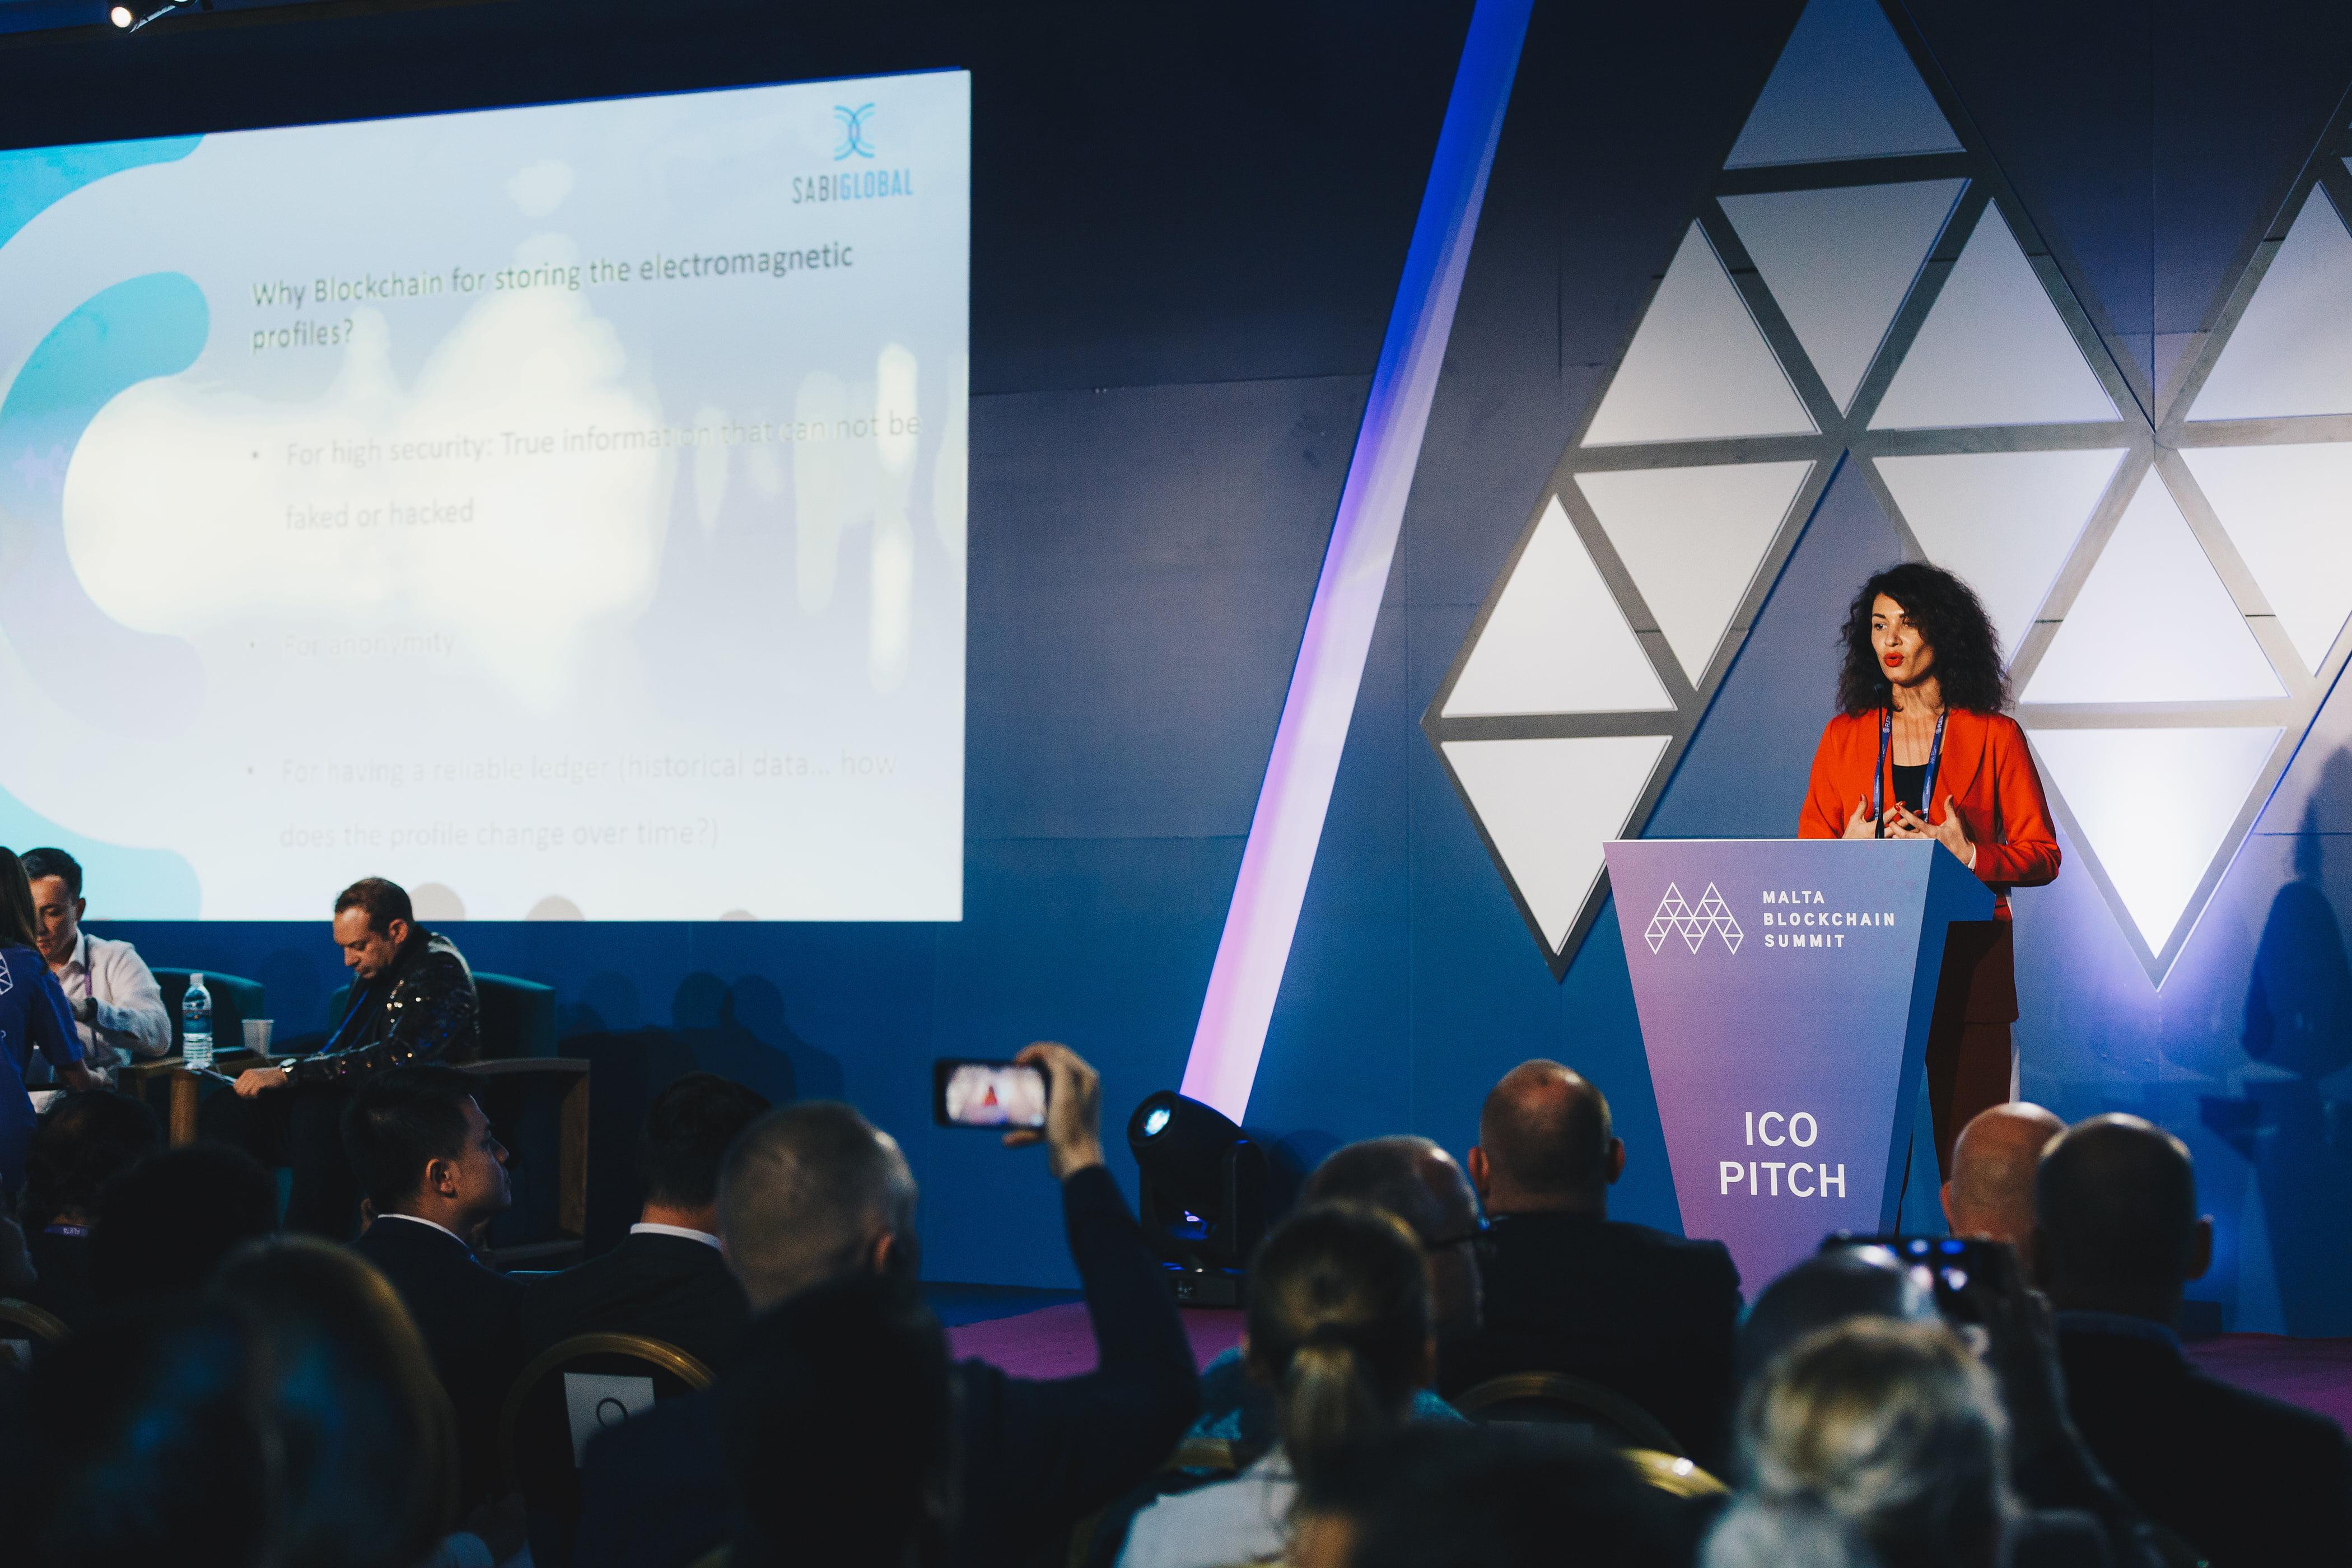 malta, blockchain summit